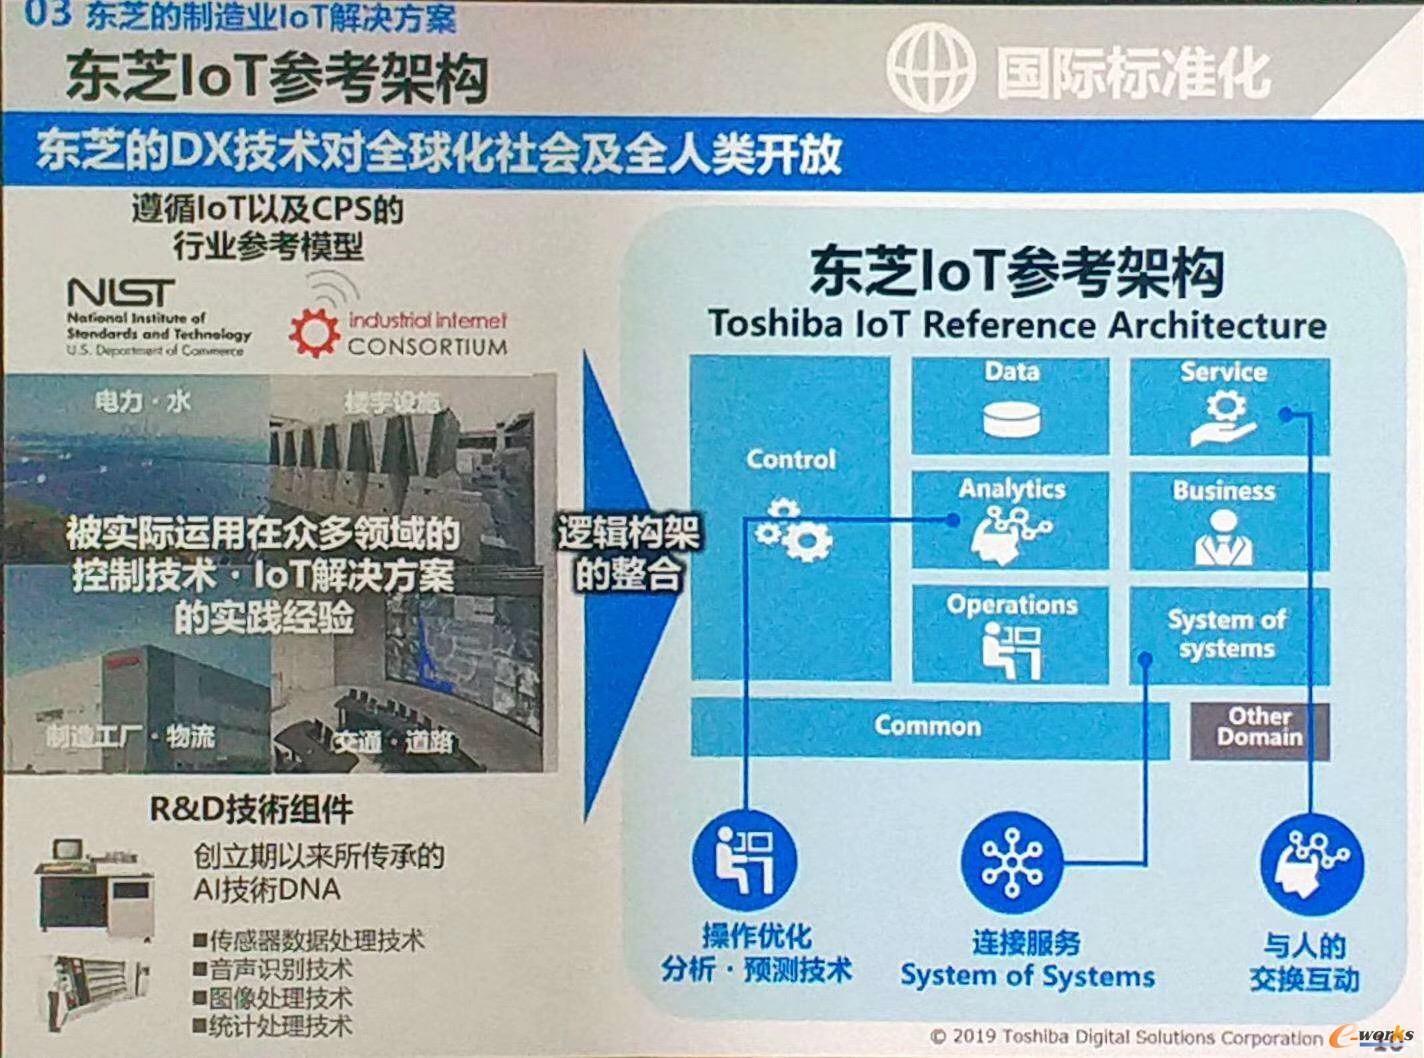 东芝IoT参考架构